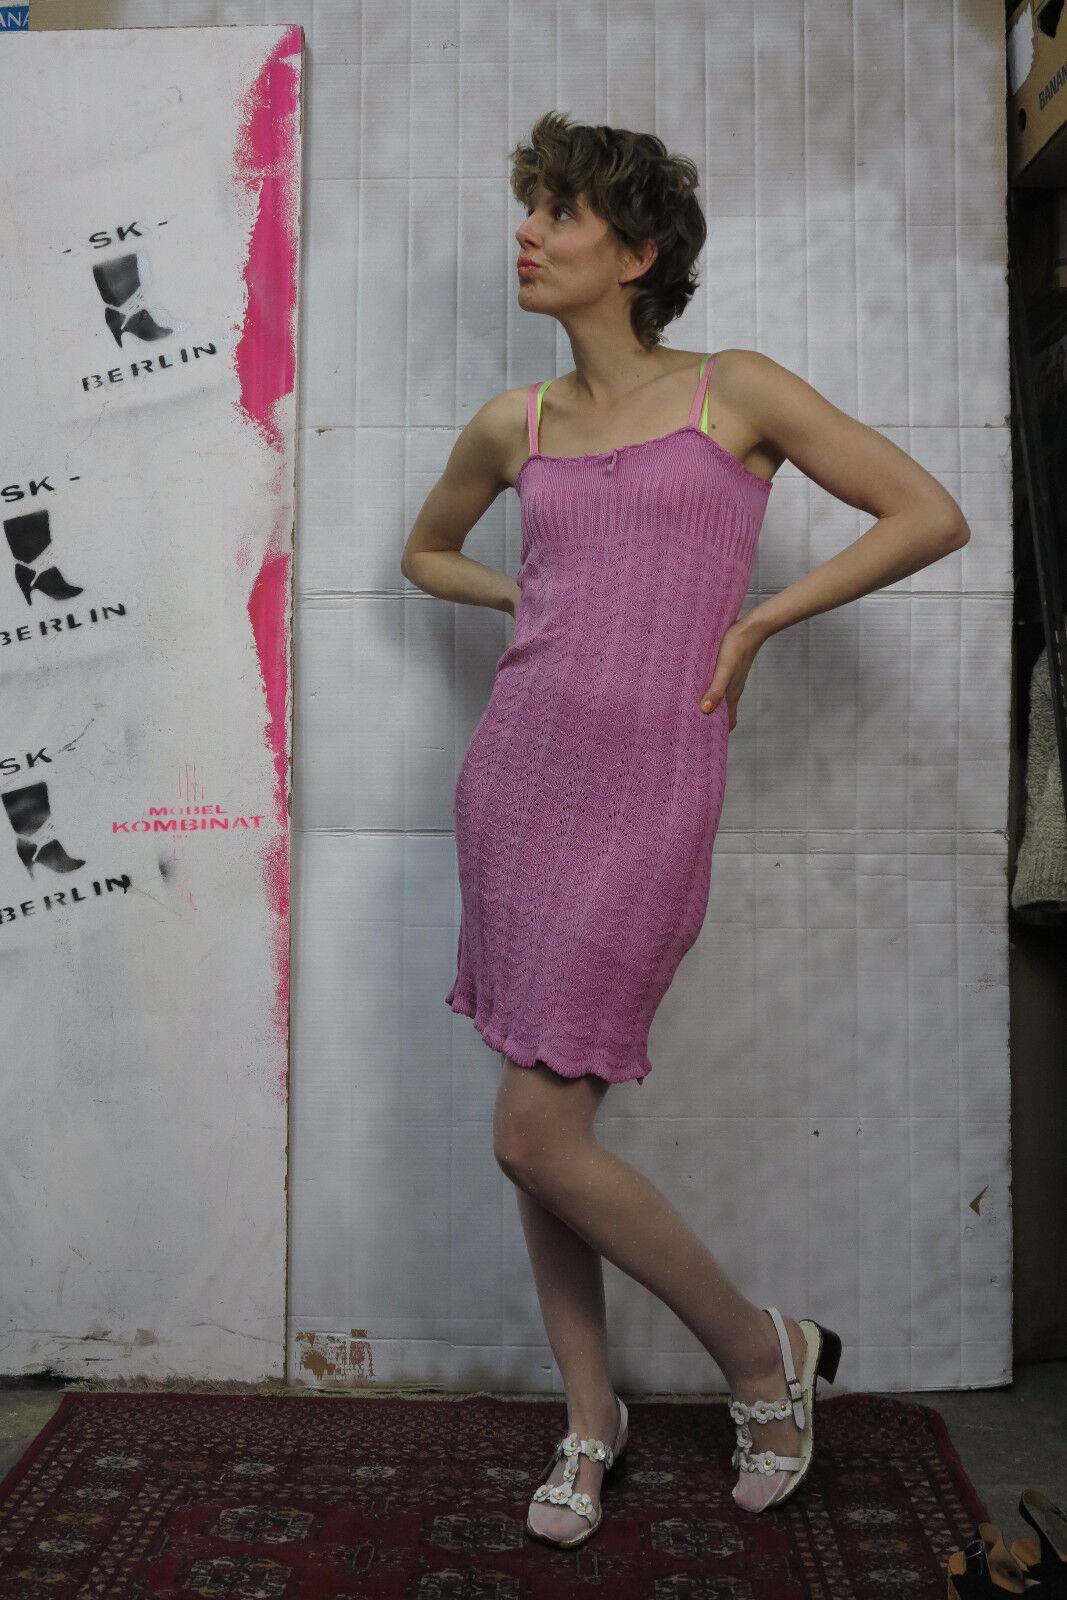 Antik Unterkleid Strickkleid Handarbeit Kleid 30s TRUEVINTAGE 40s knitted dress